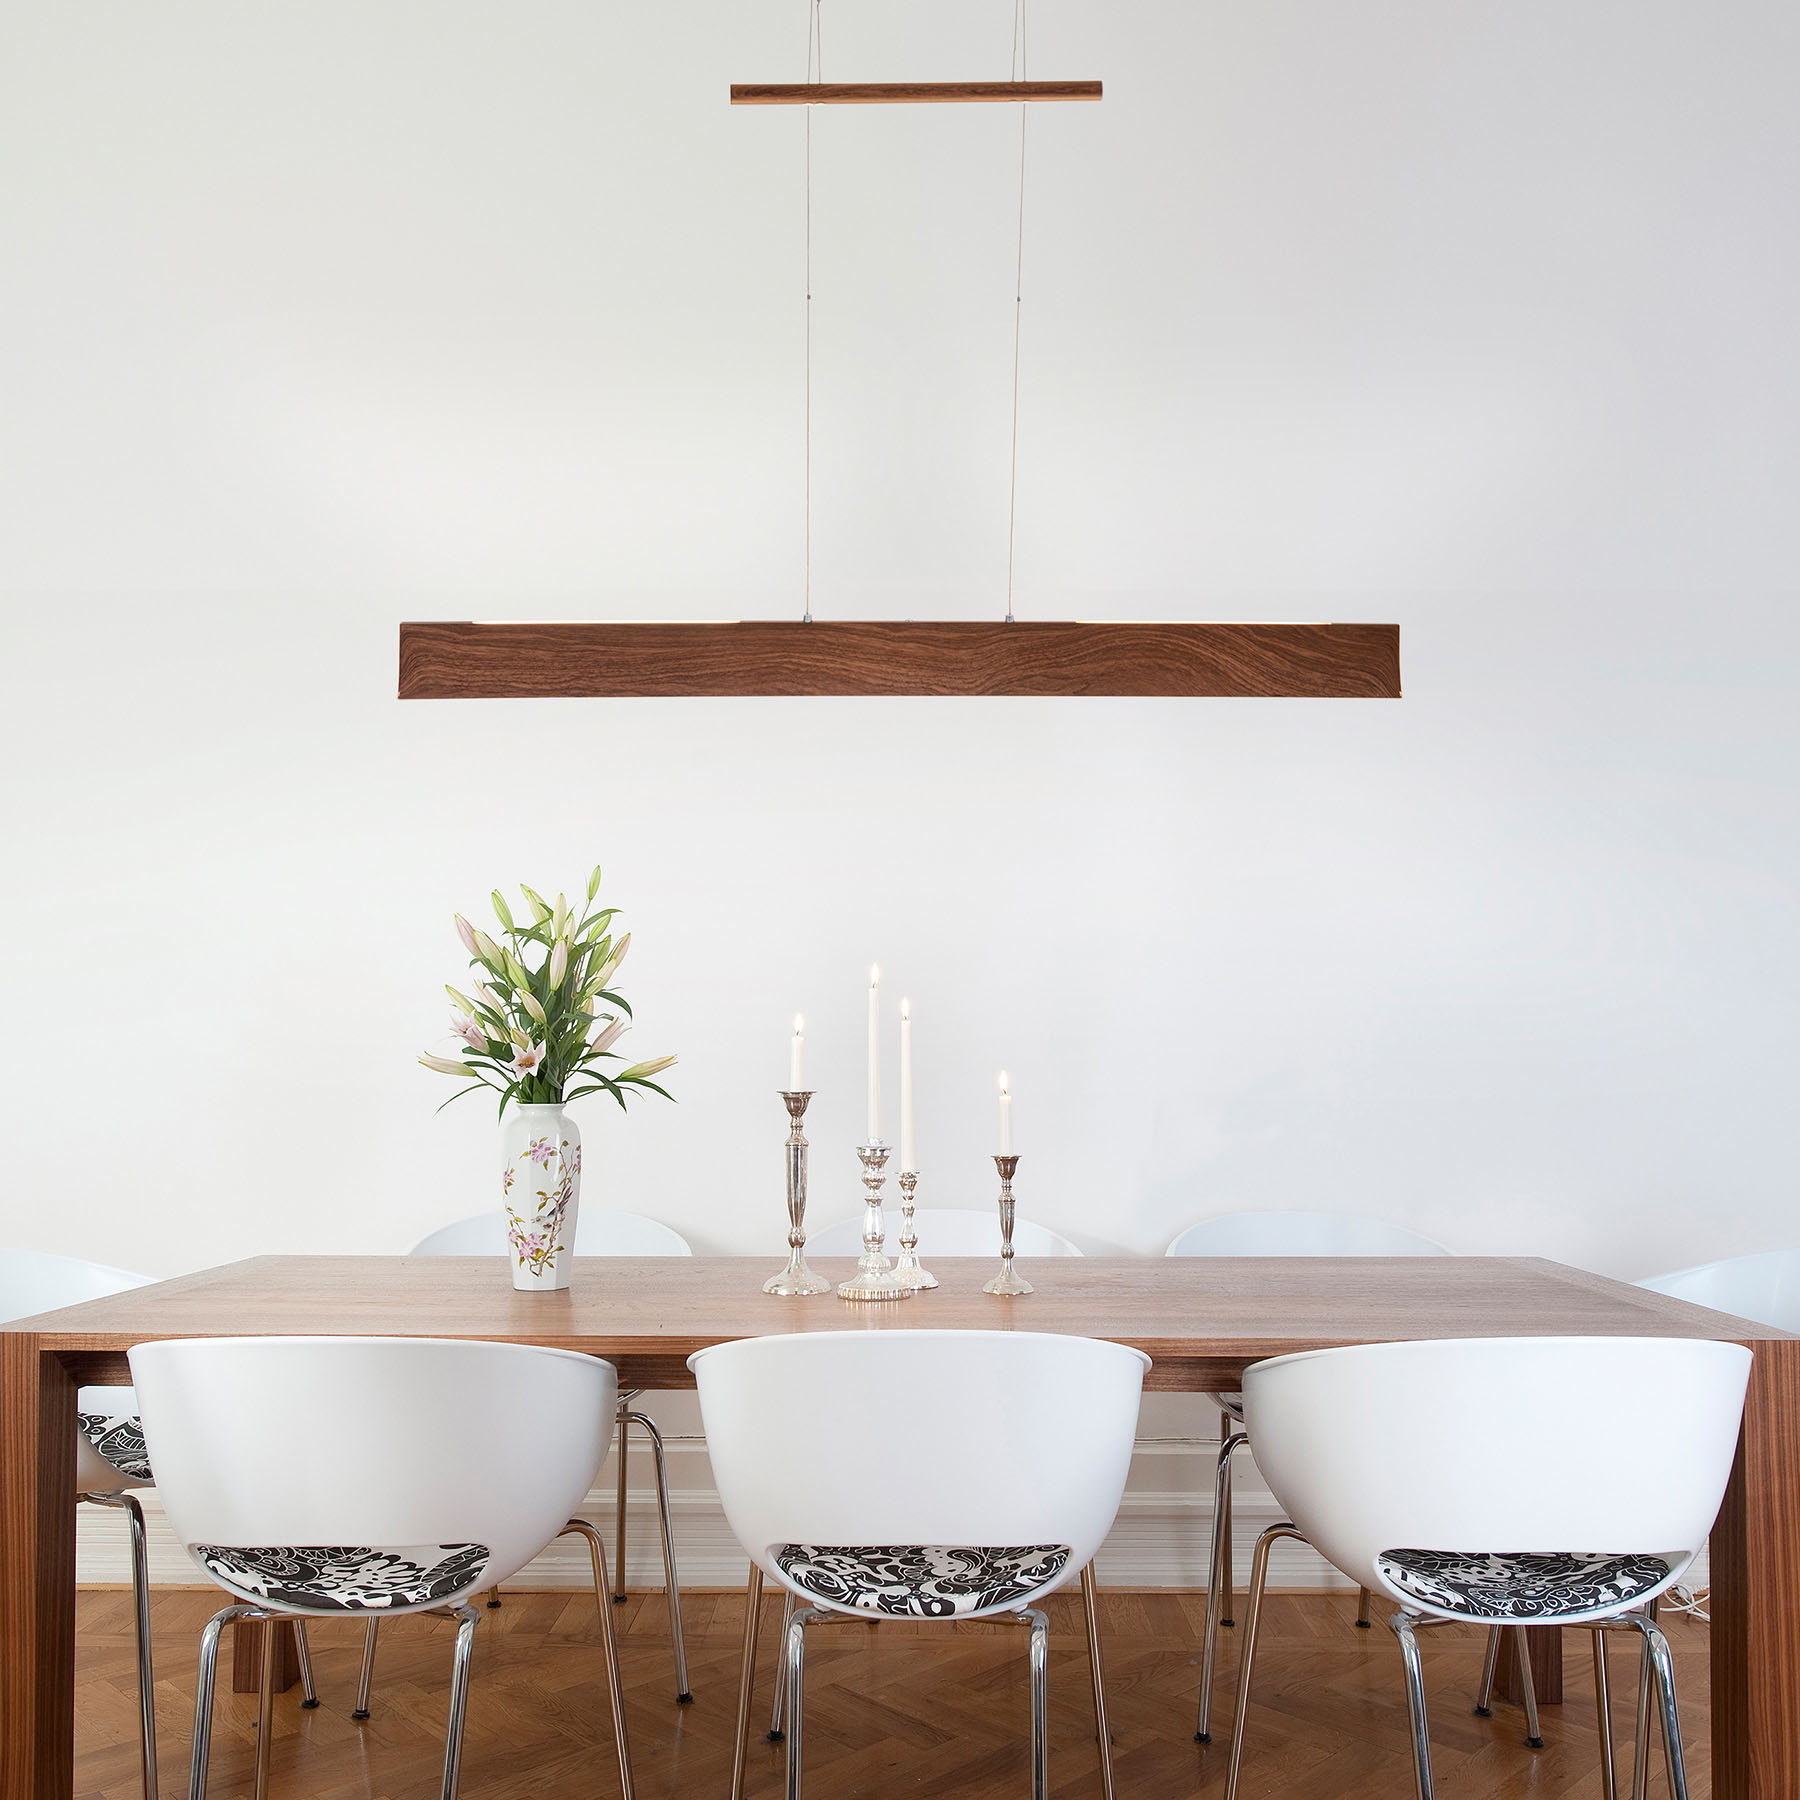 LED-riippuvalo Madera ylös-/alasvalo puujäljitelmä